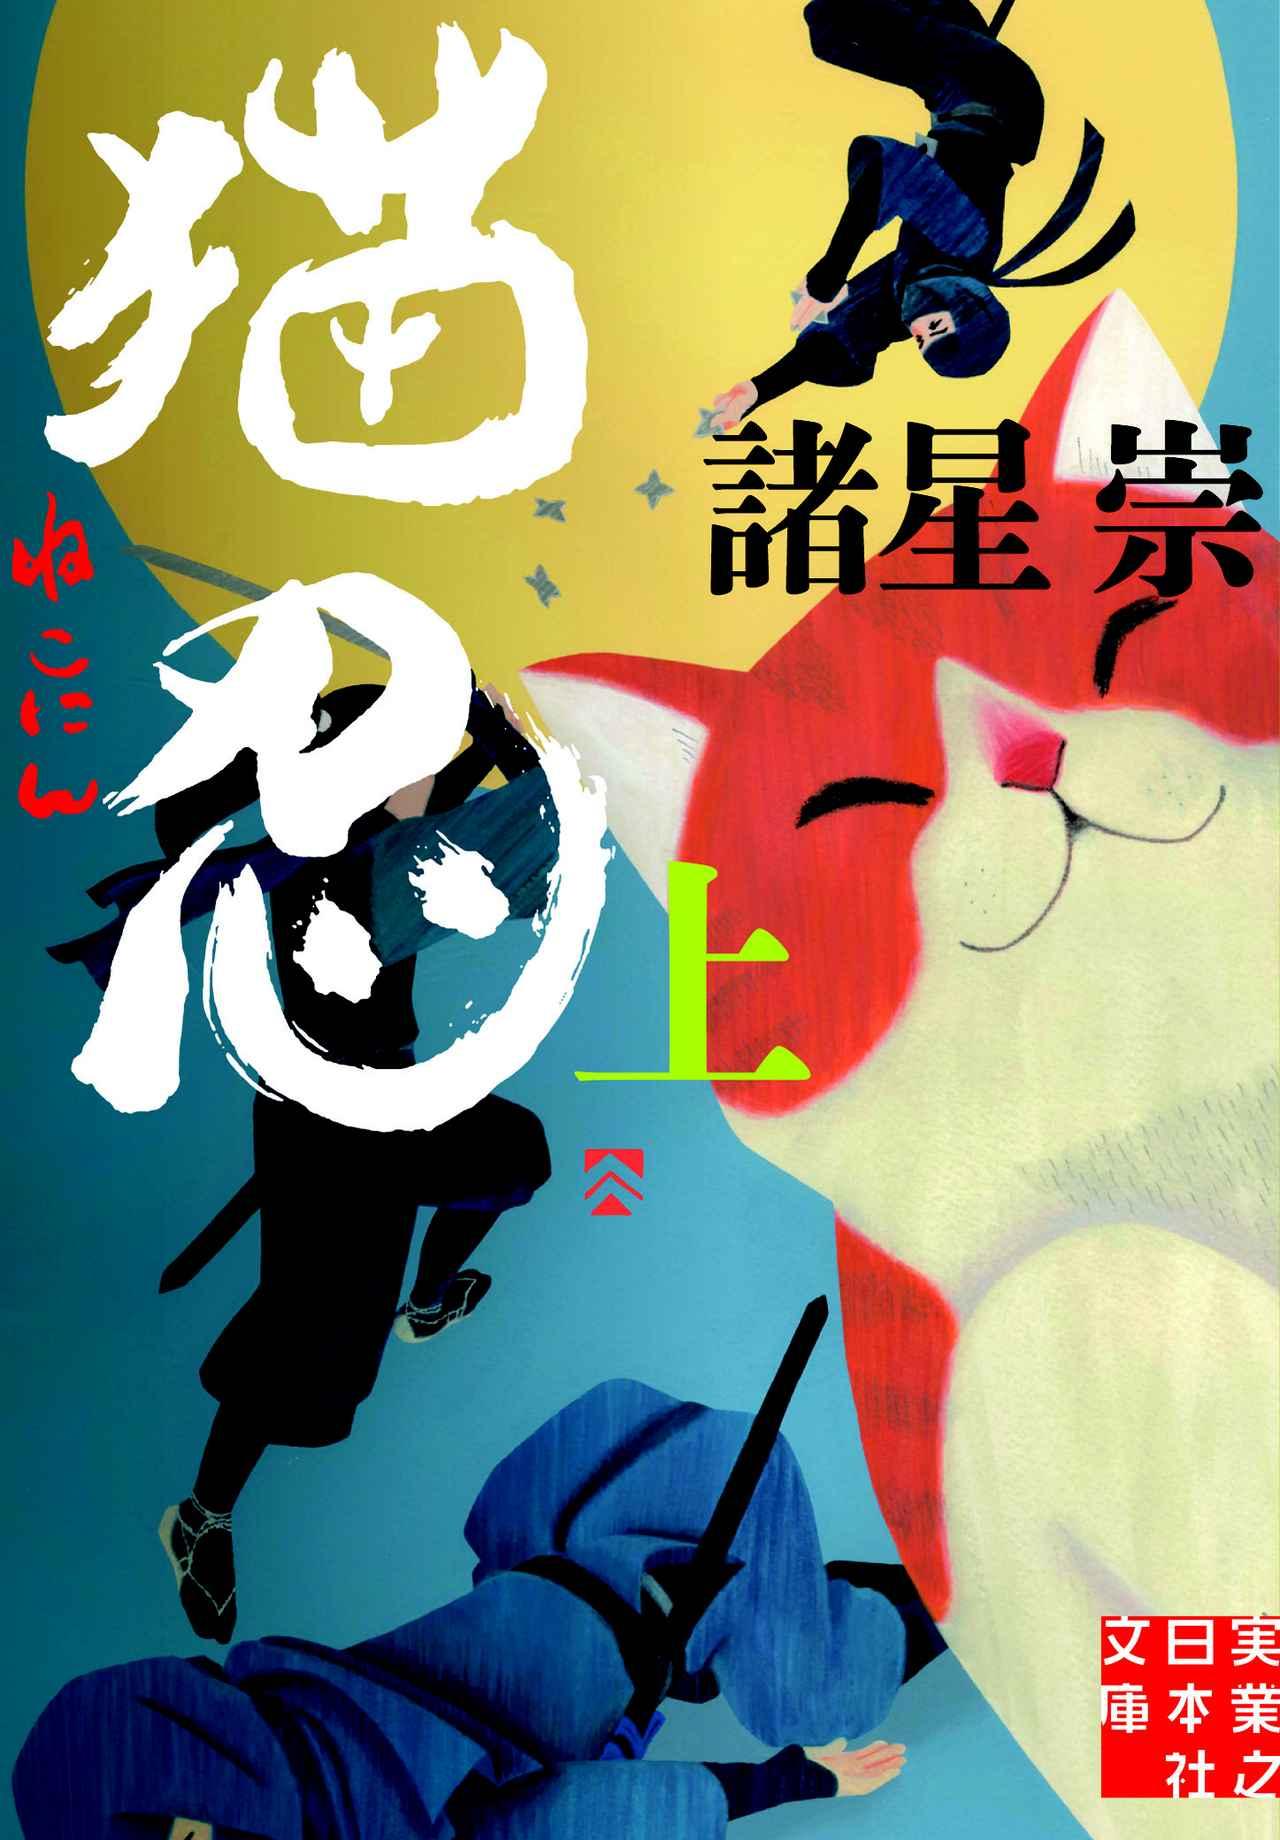 画像1: 小説「猫忍」(上) 定価:648円+税/著者:諸星 崇/協力:アミューズメントメディア総合学院